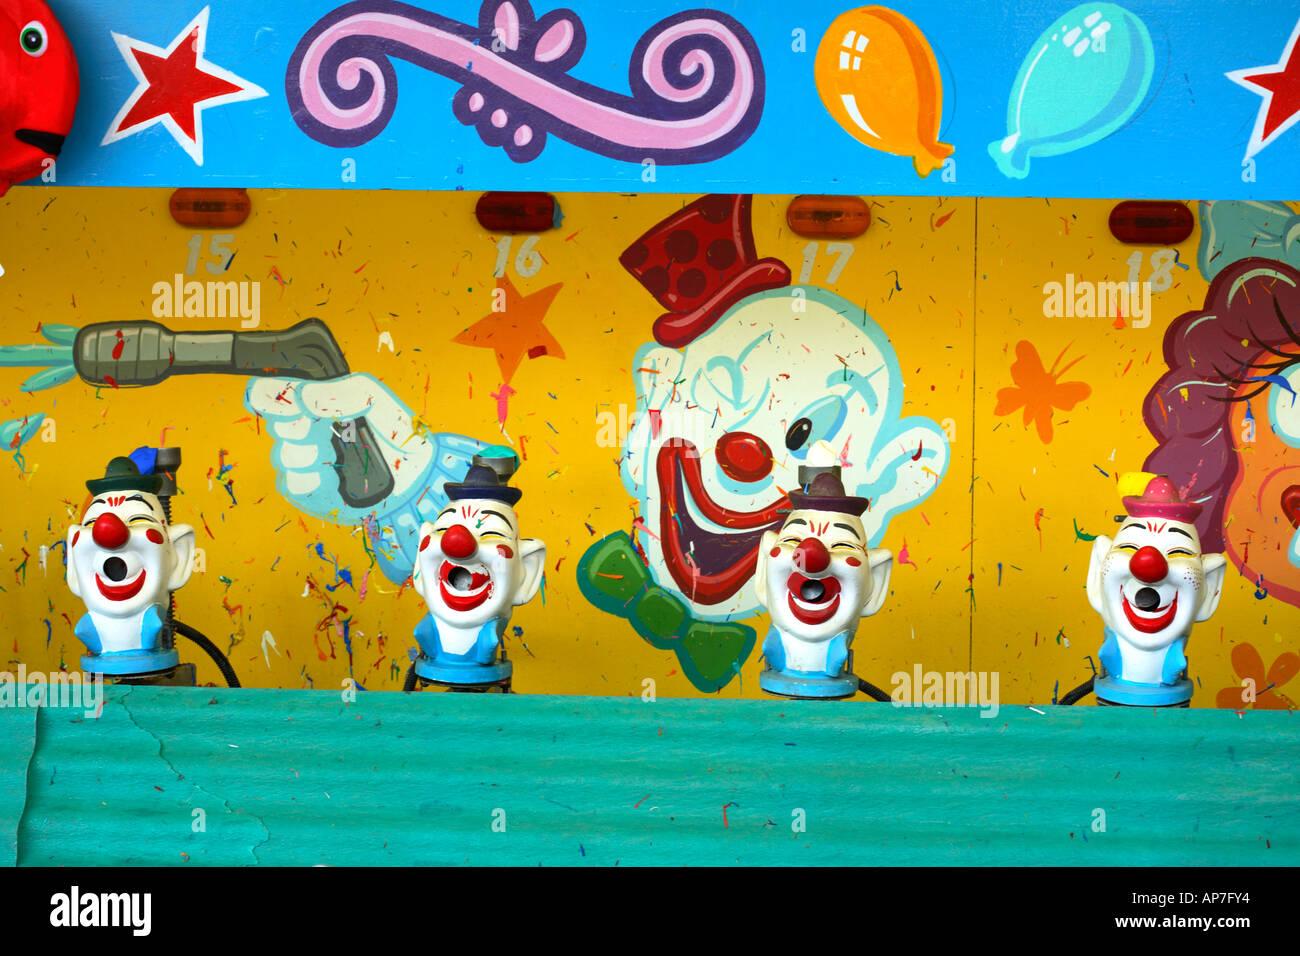 Bunte Clown-Spiel auf einer Messe Stockbild